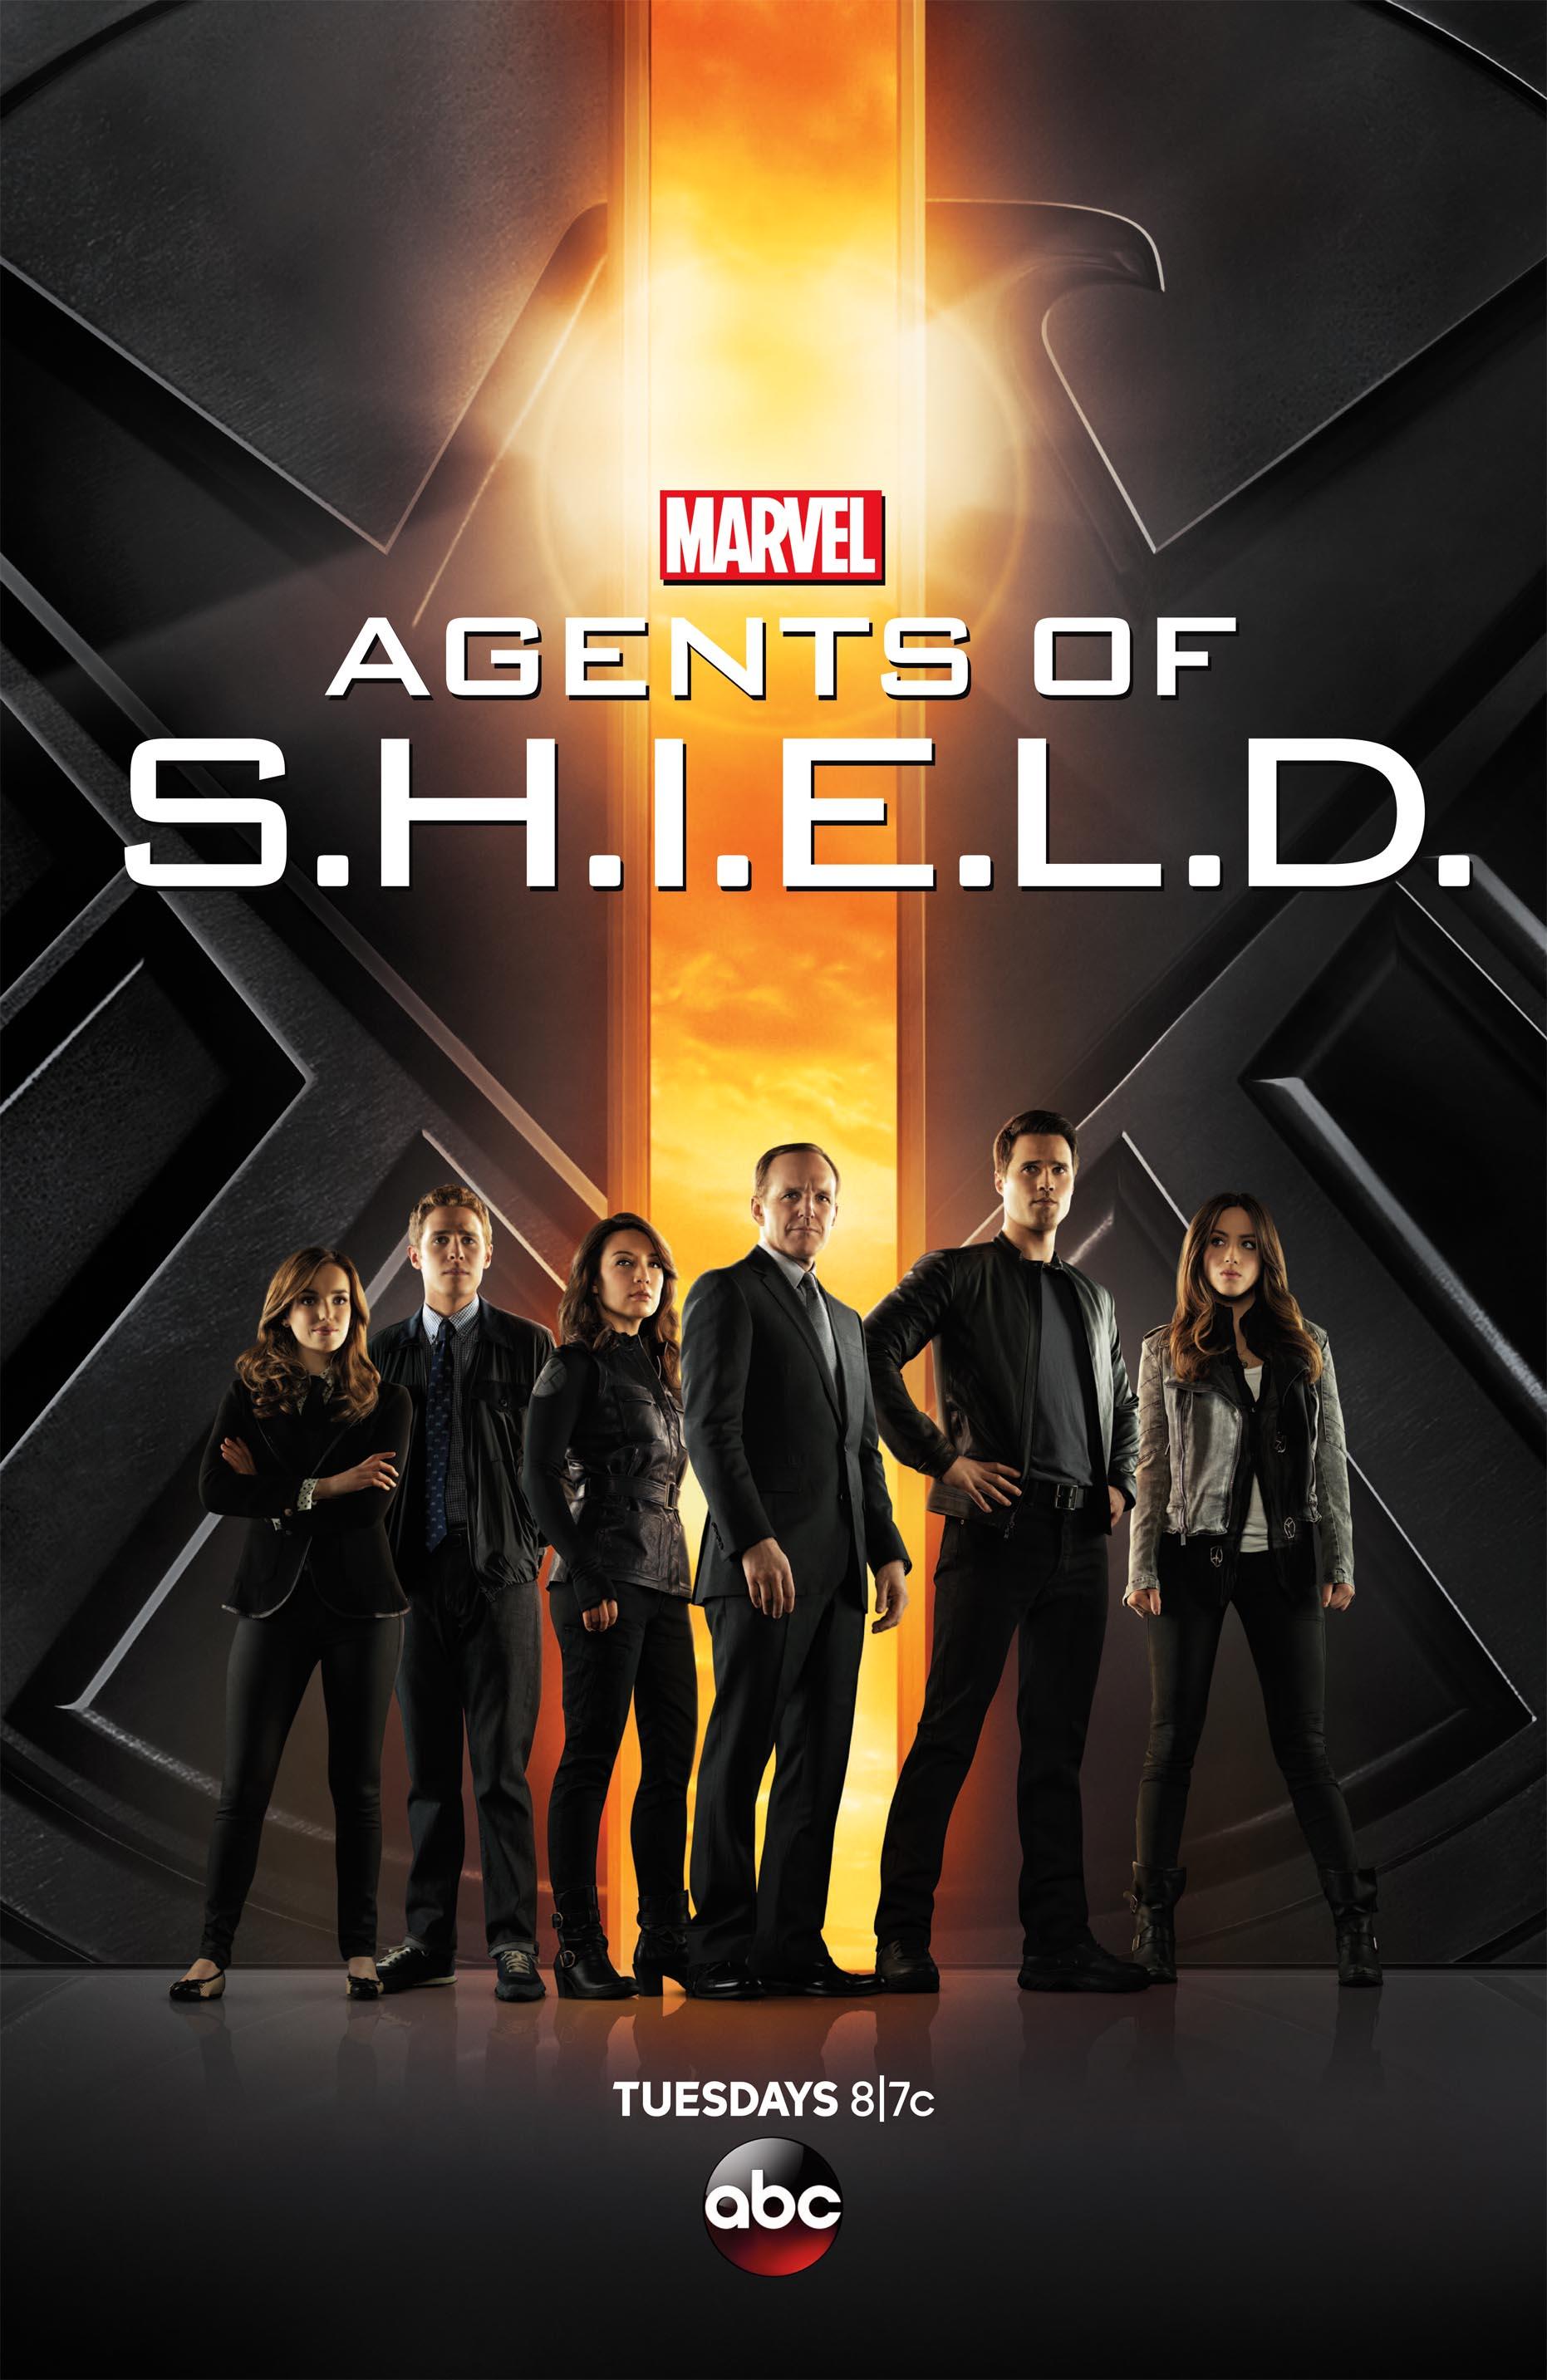 에이전트 오브 쉴드 (Agent of Shield) S3E01